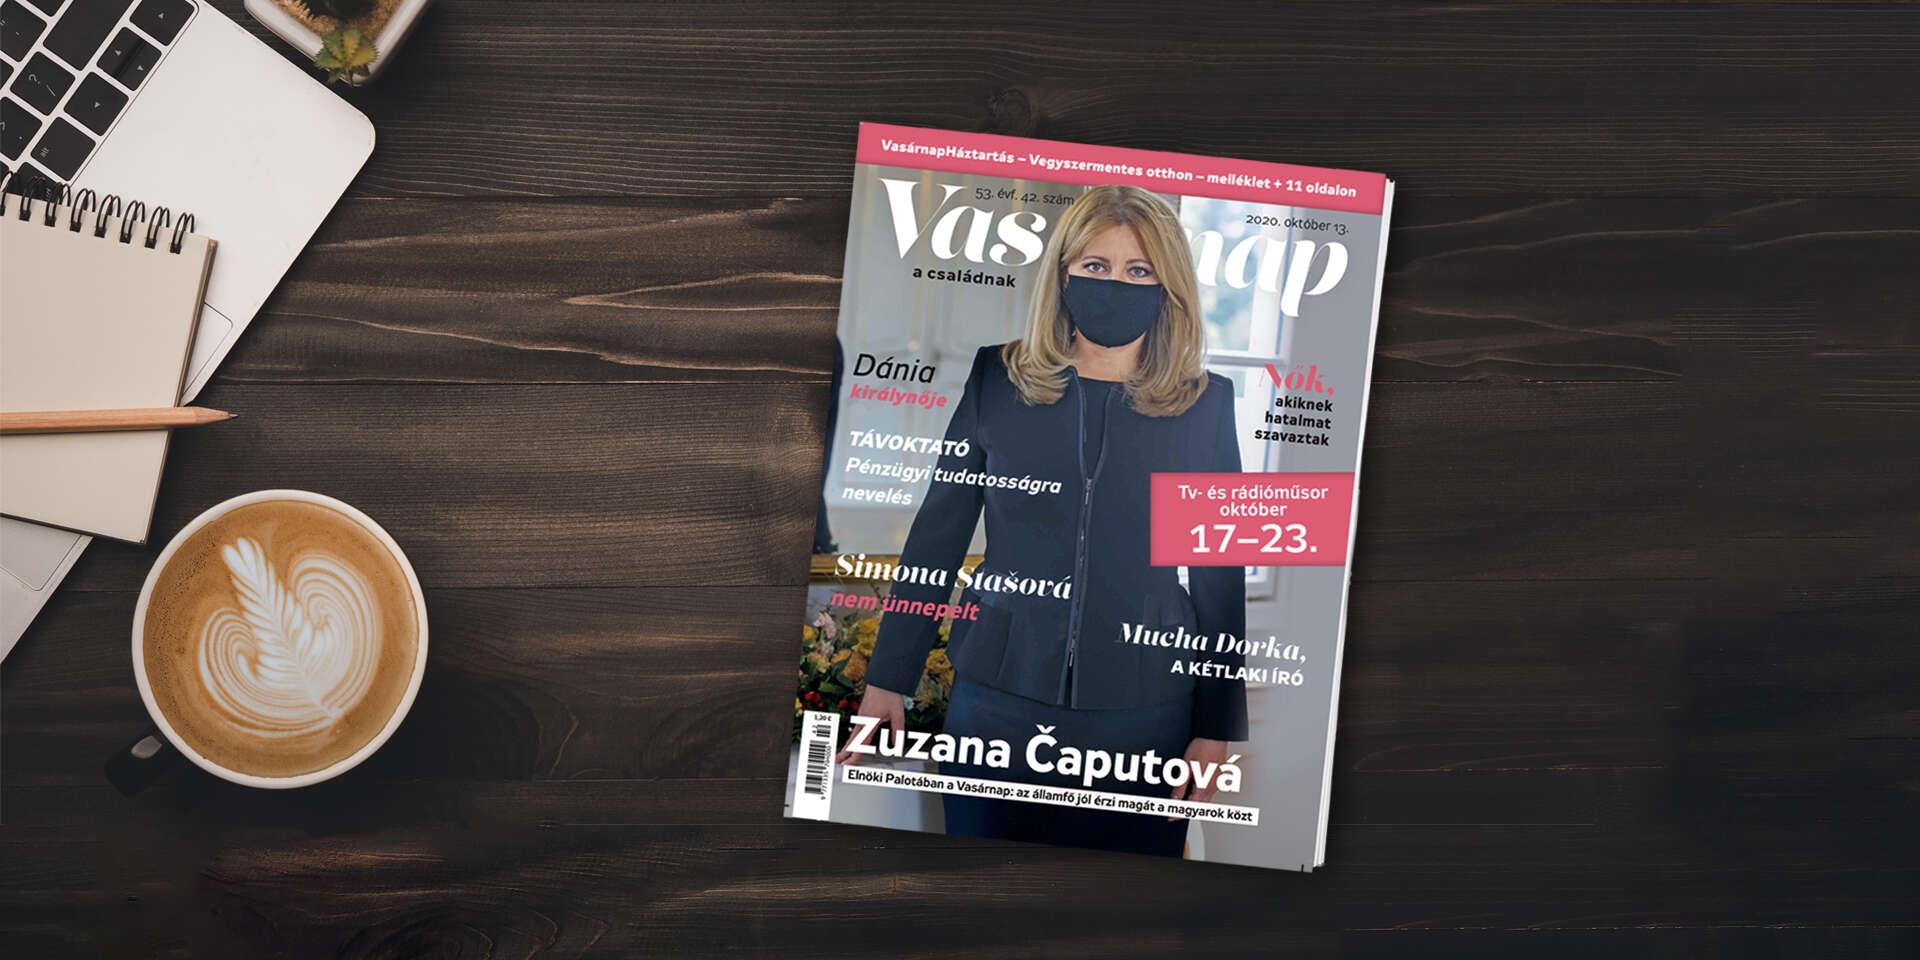 Ročné predplatné maďarského týždenníka Vasárnap